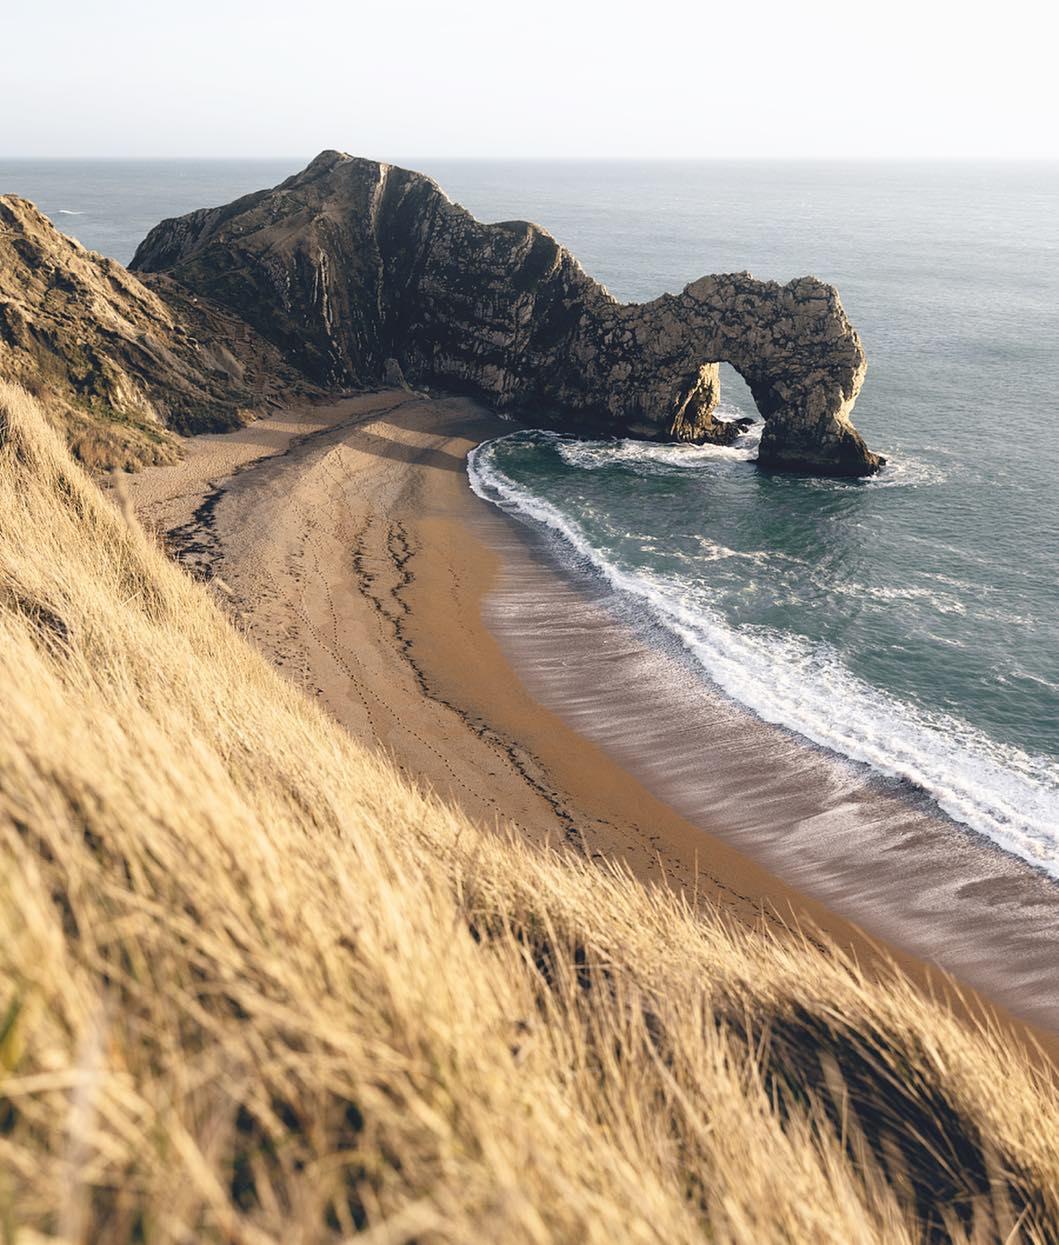 Природа и путешествия на снимках Тобиаса Мейера